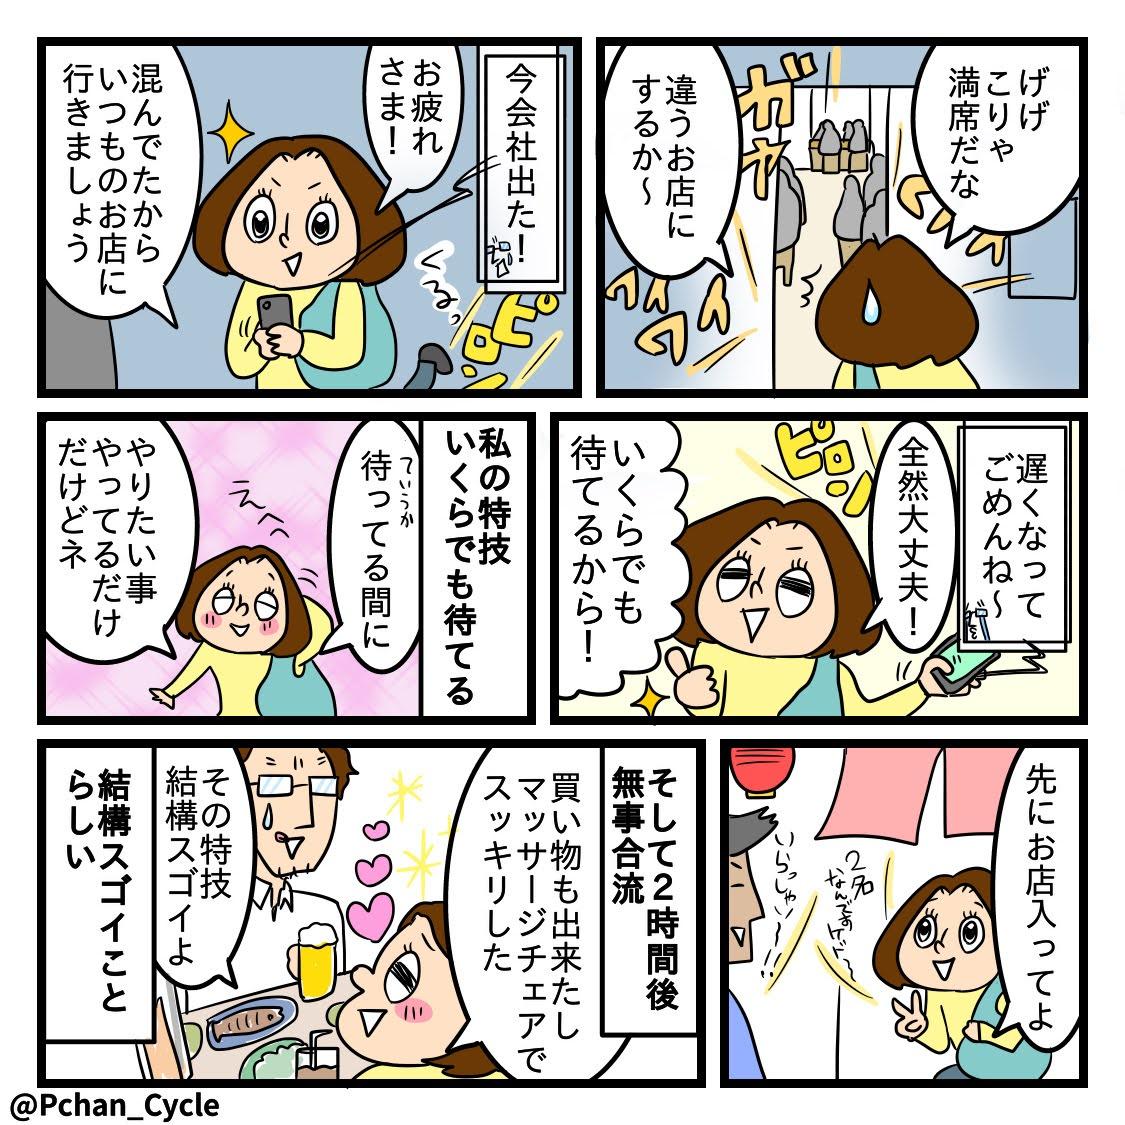 〜待つのは得意〜SNSに投稿しているPちゃんの日常4コマ漫画まとめ